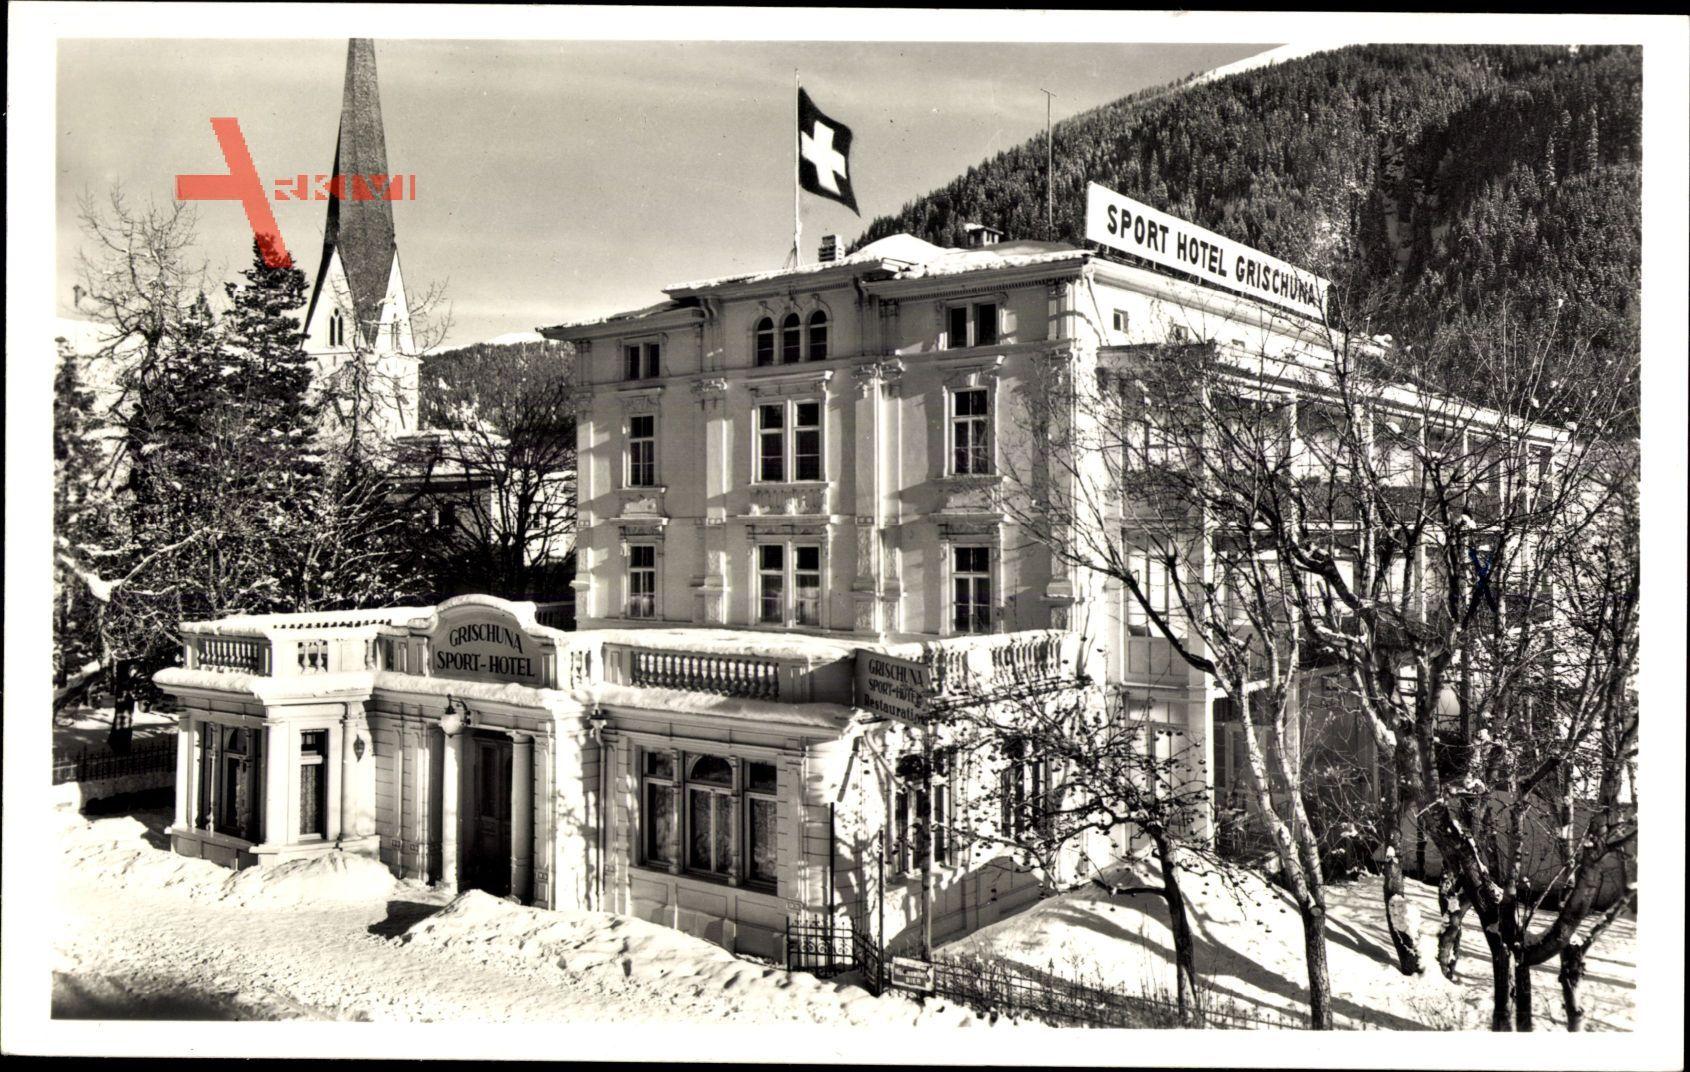 Davos Kt. Graubünden Schweiz, Sporthotel Grischuna, O. Senn Badrutt